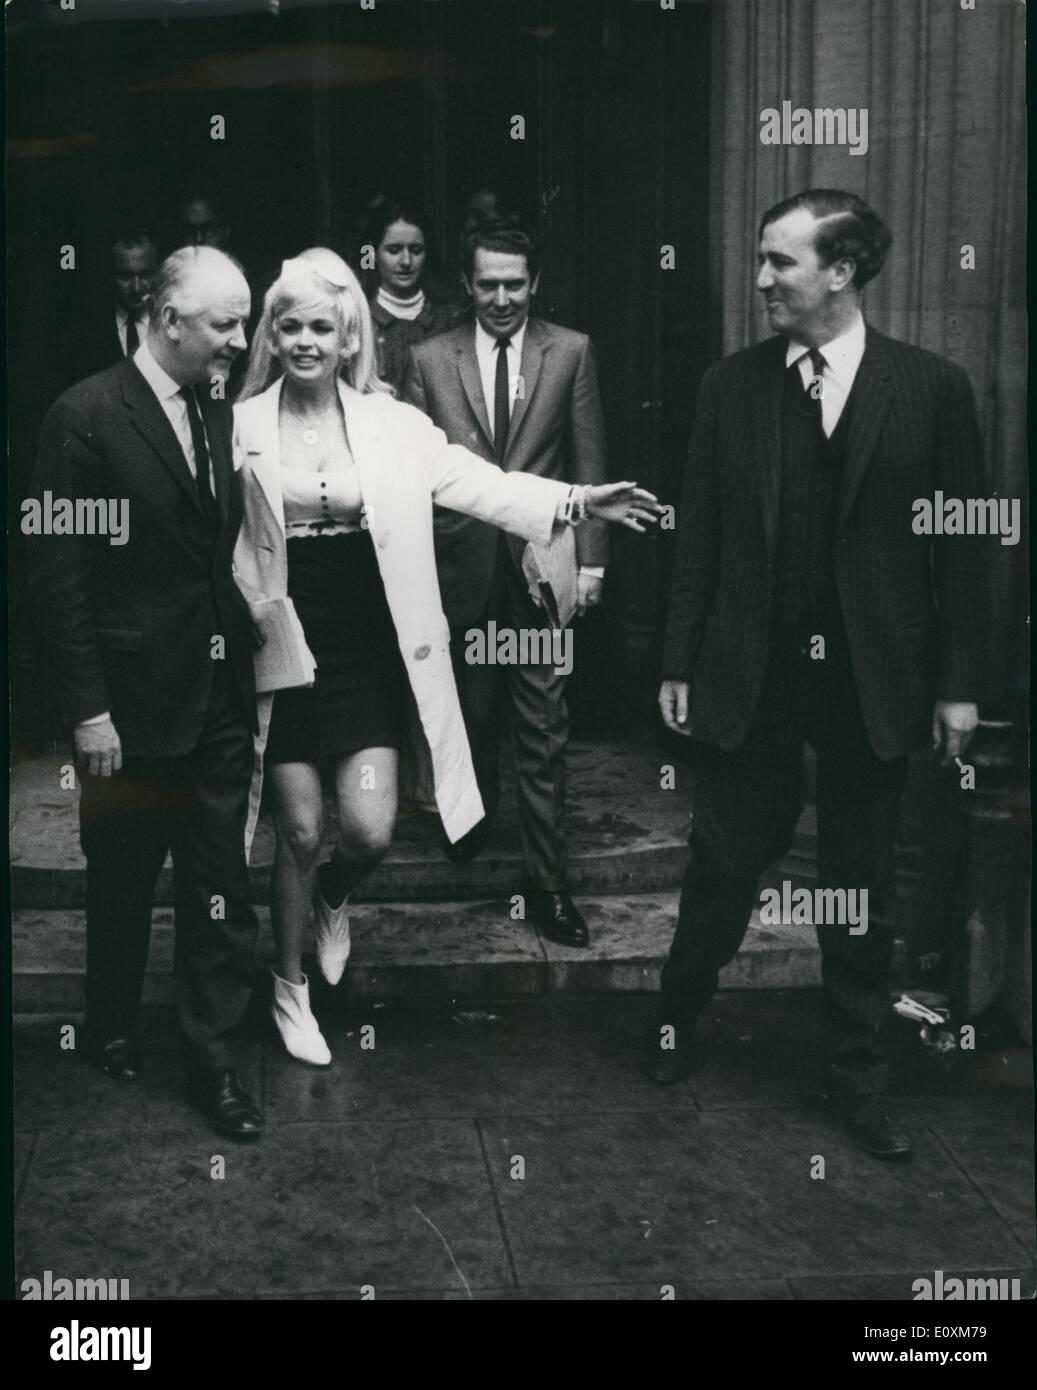 Apr 04 1967 jayne mansfield visits house of commons jayne mansfield